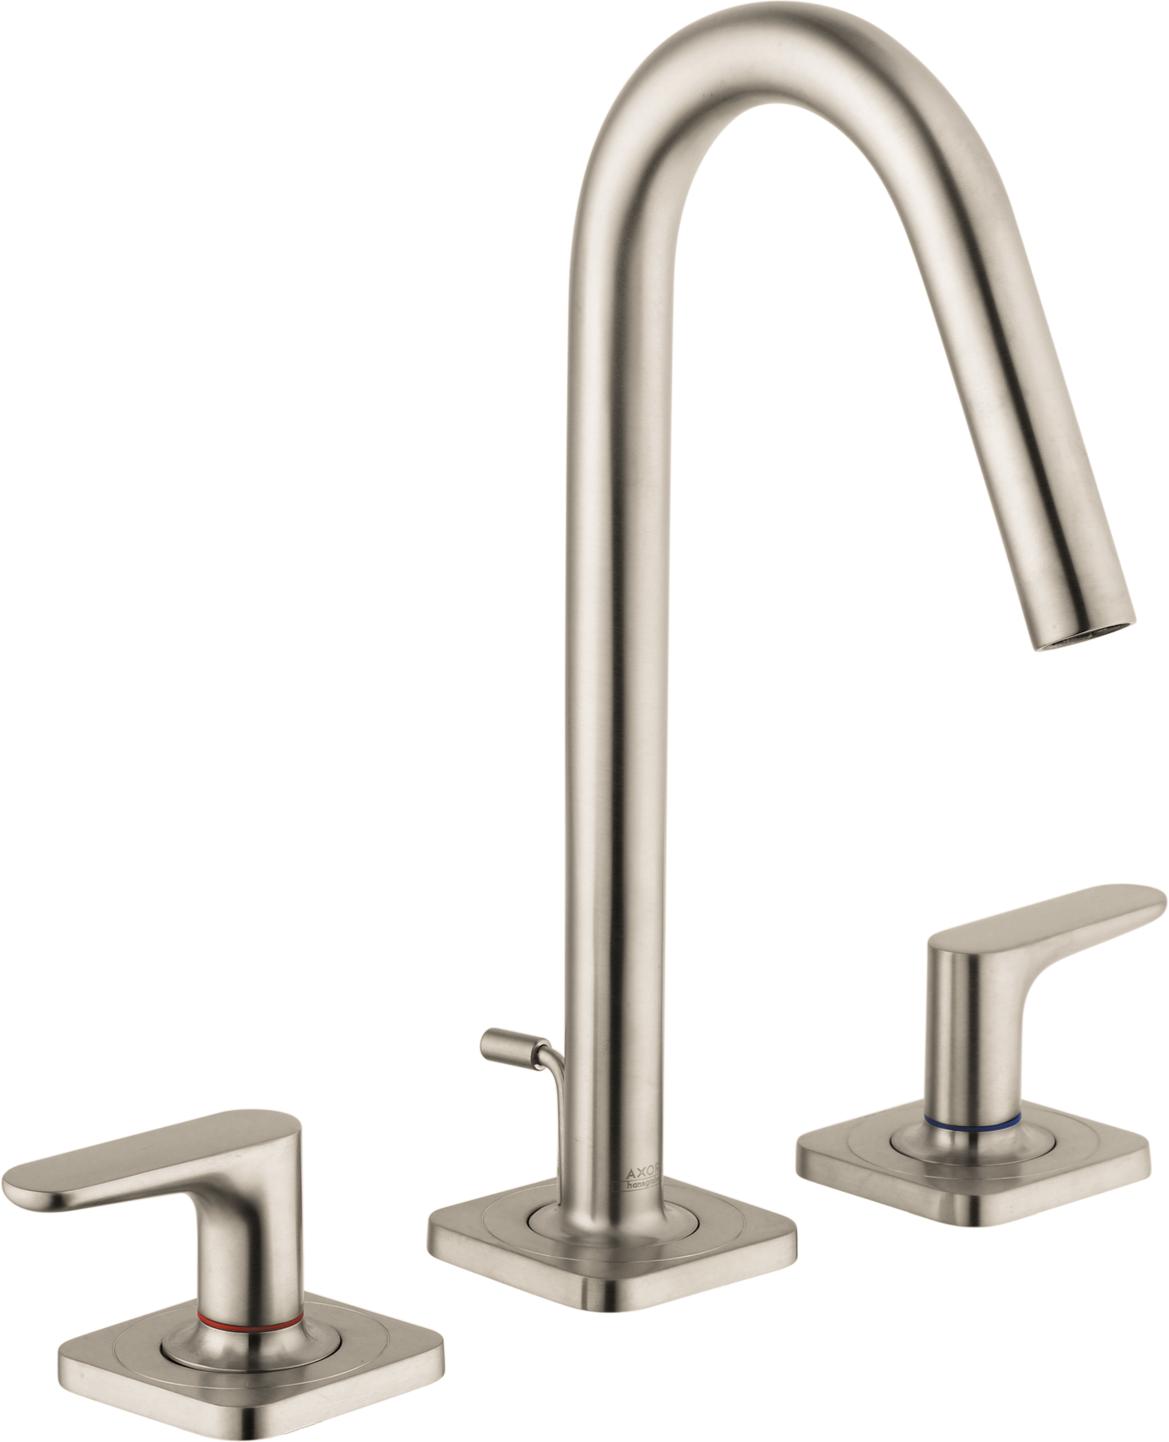 Axor AXOR Citterio M Widespread Faucet, 1.2 GPM